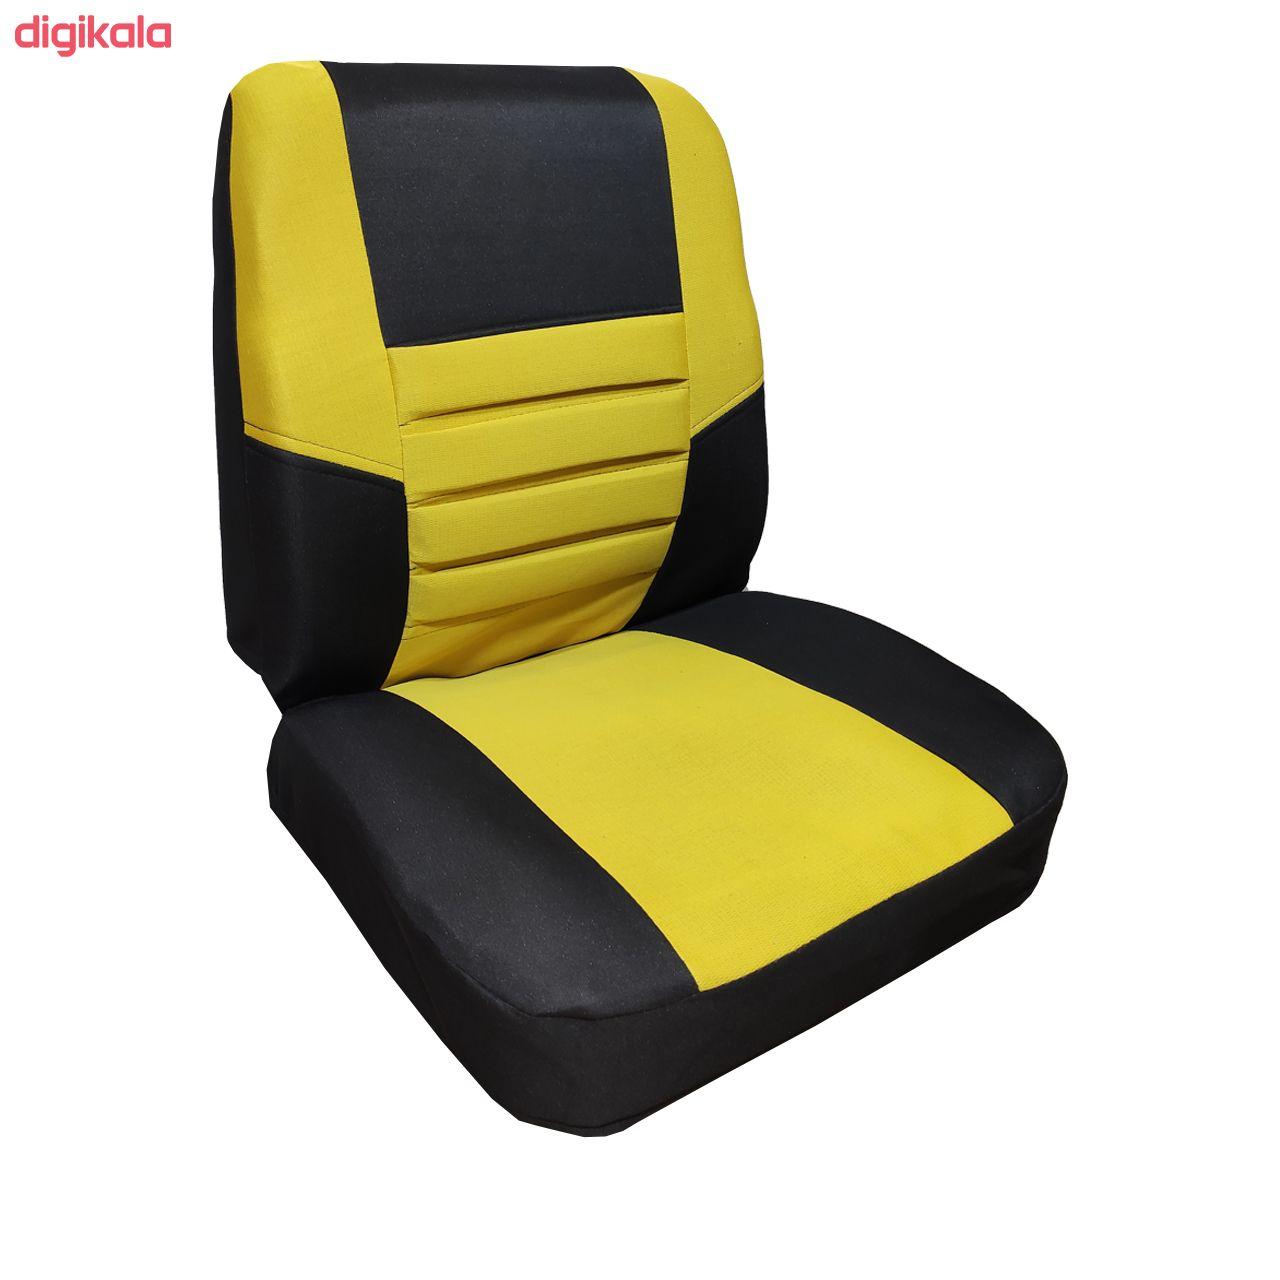 روکش صندلی خودرو مدل 2002 مناسب برای پراید صبا main 1 10